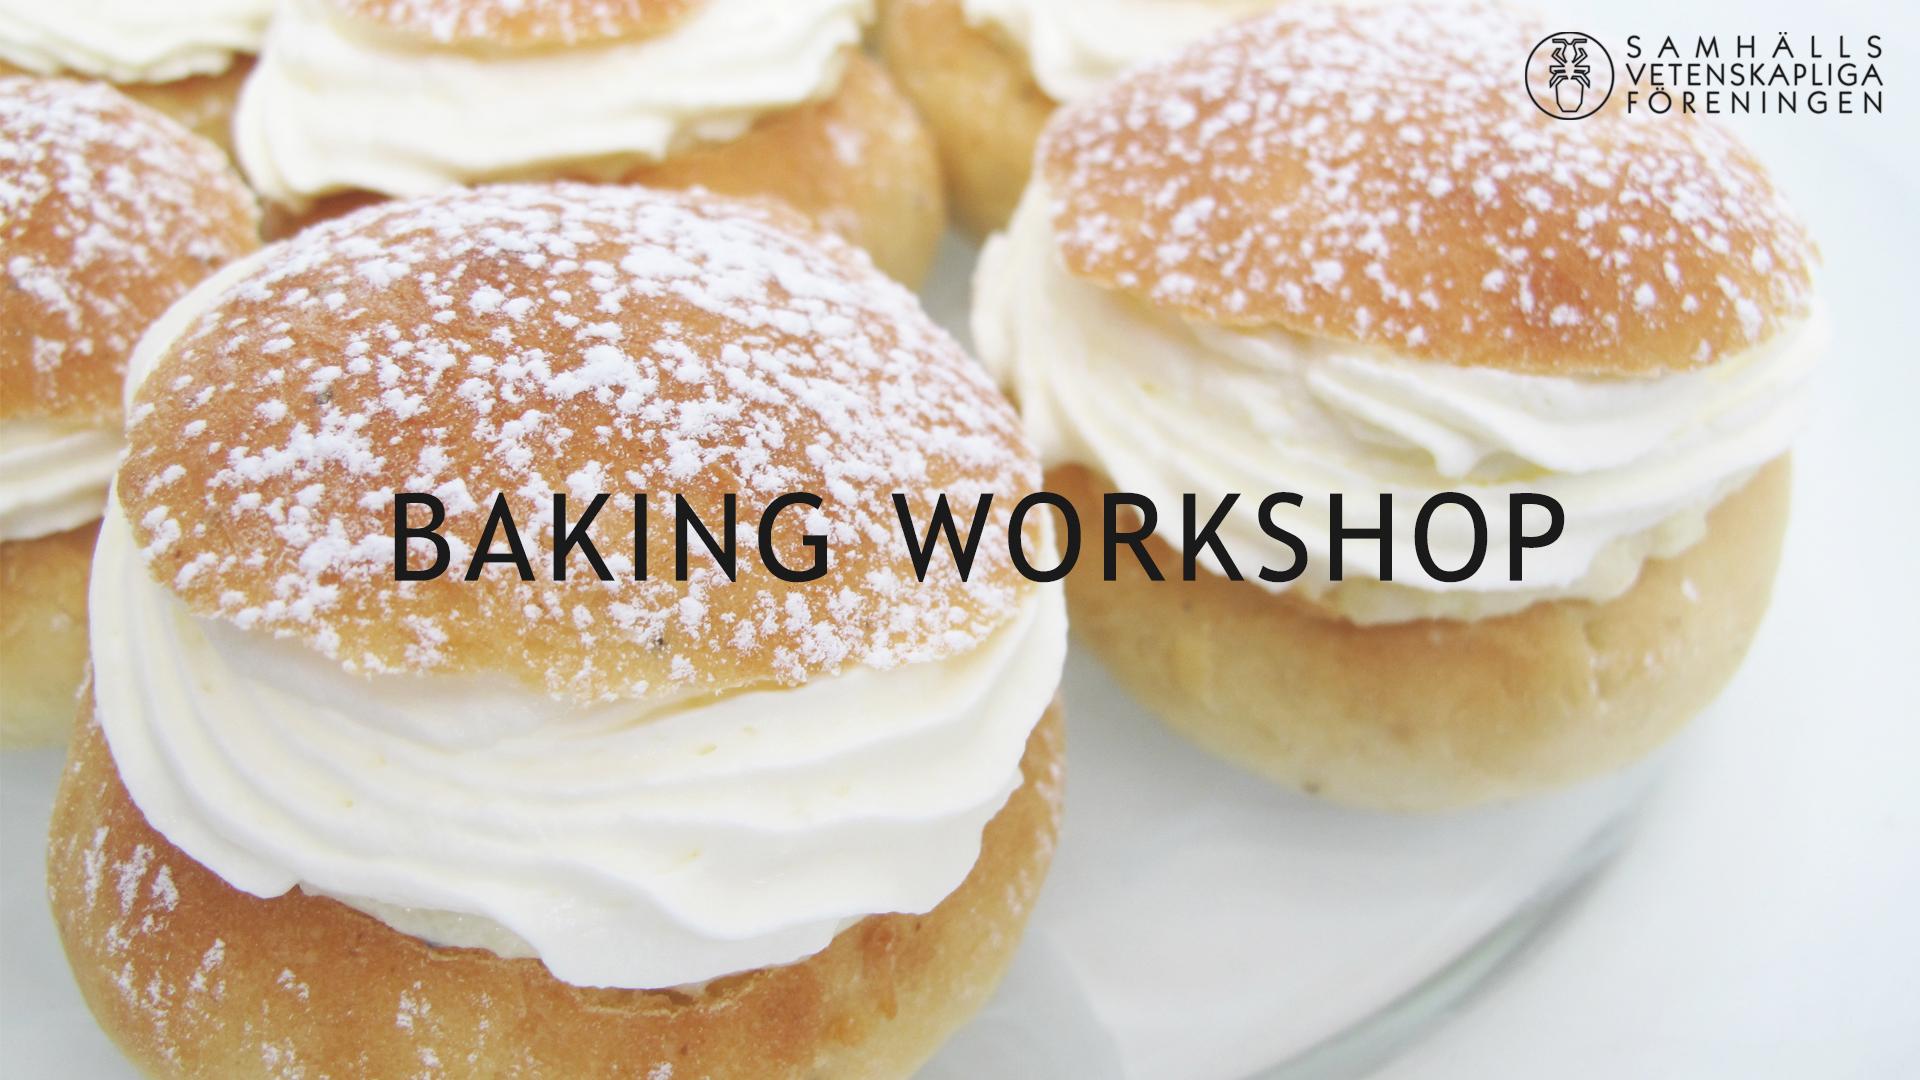 Facebook Baking Workshop semlir.jpg